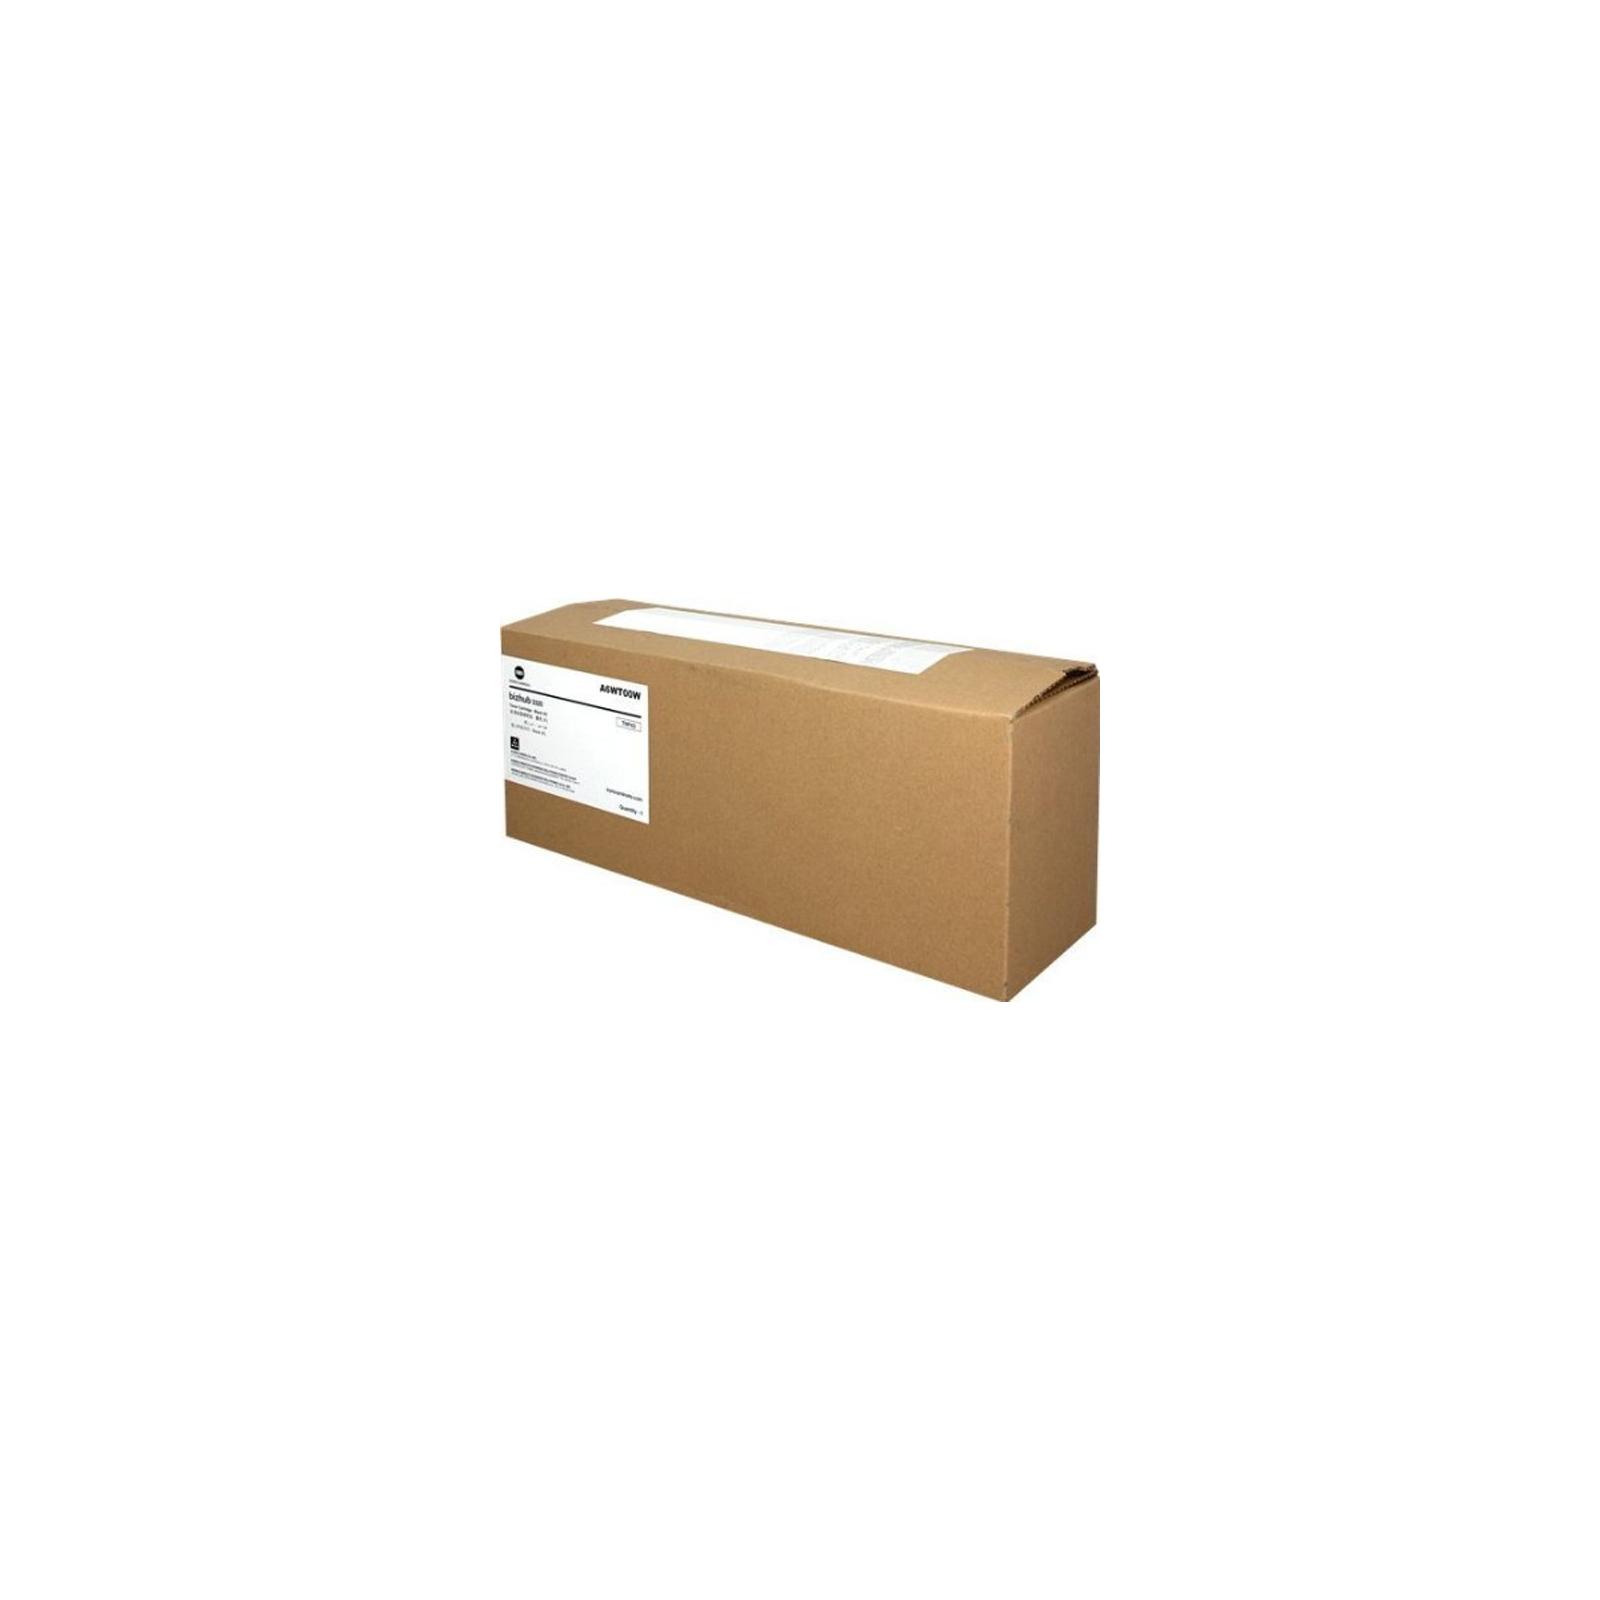 Тонер KONICA MINOLTA TNP-43 10K Black (bizhub 3200) (A6WT00W)